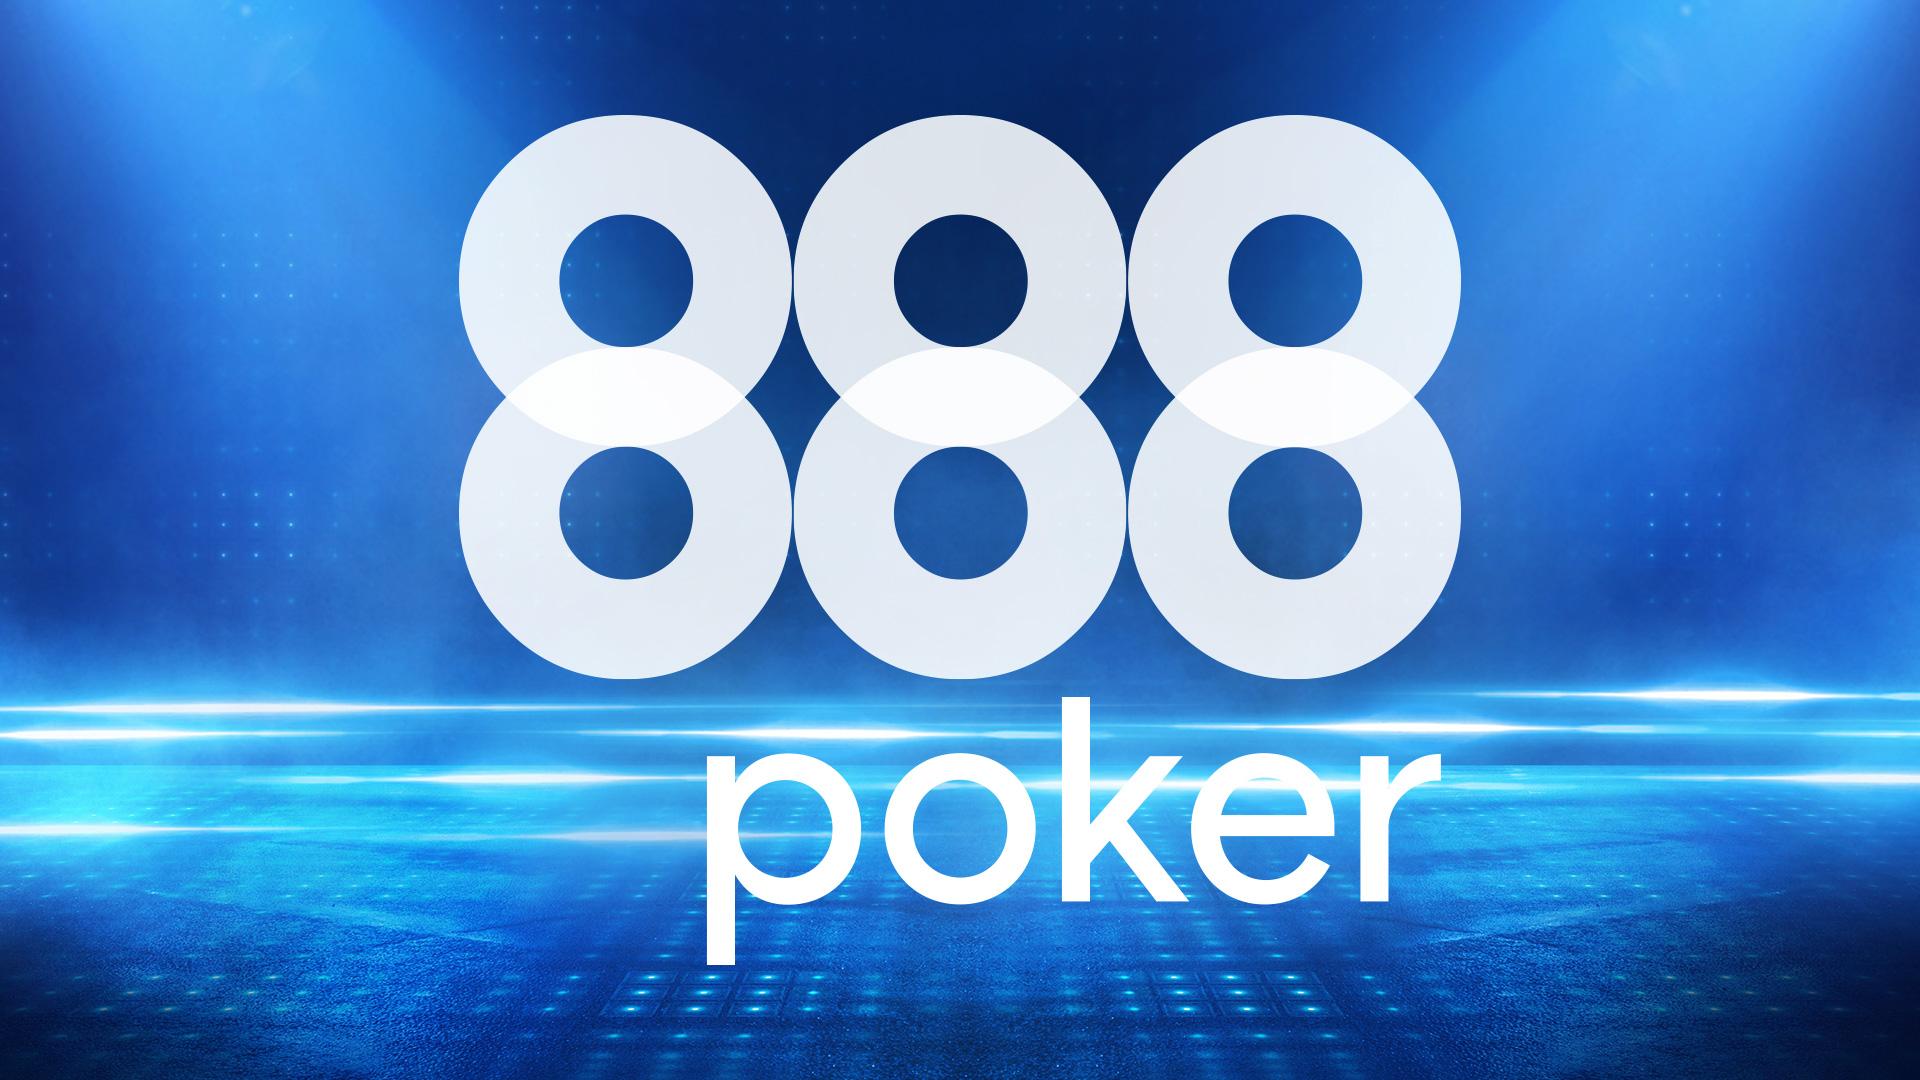 888 poker many games